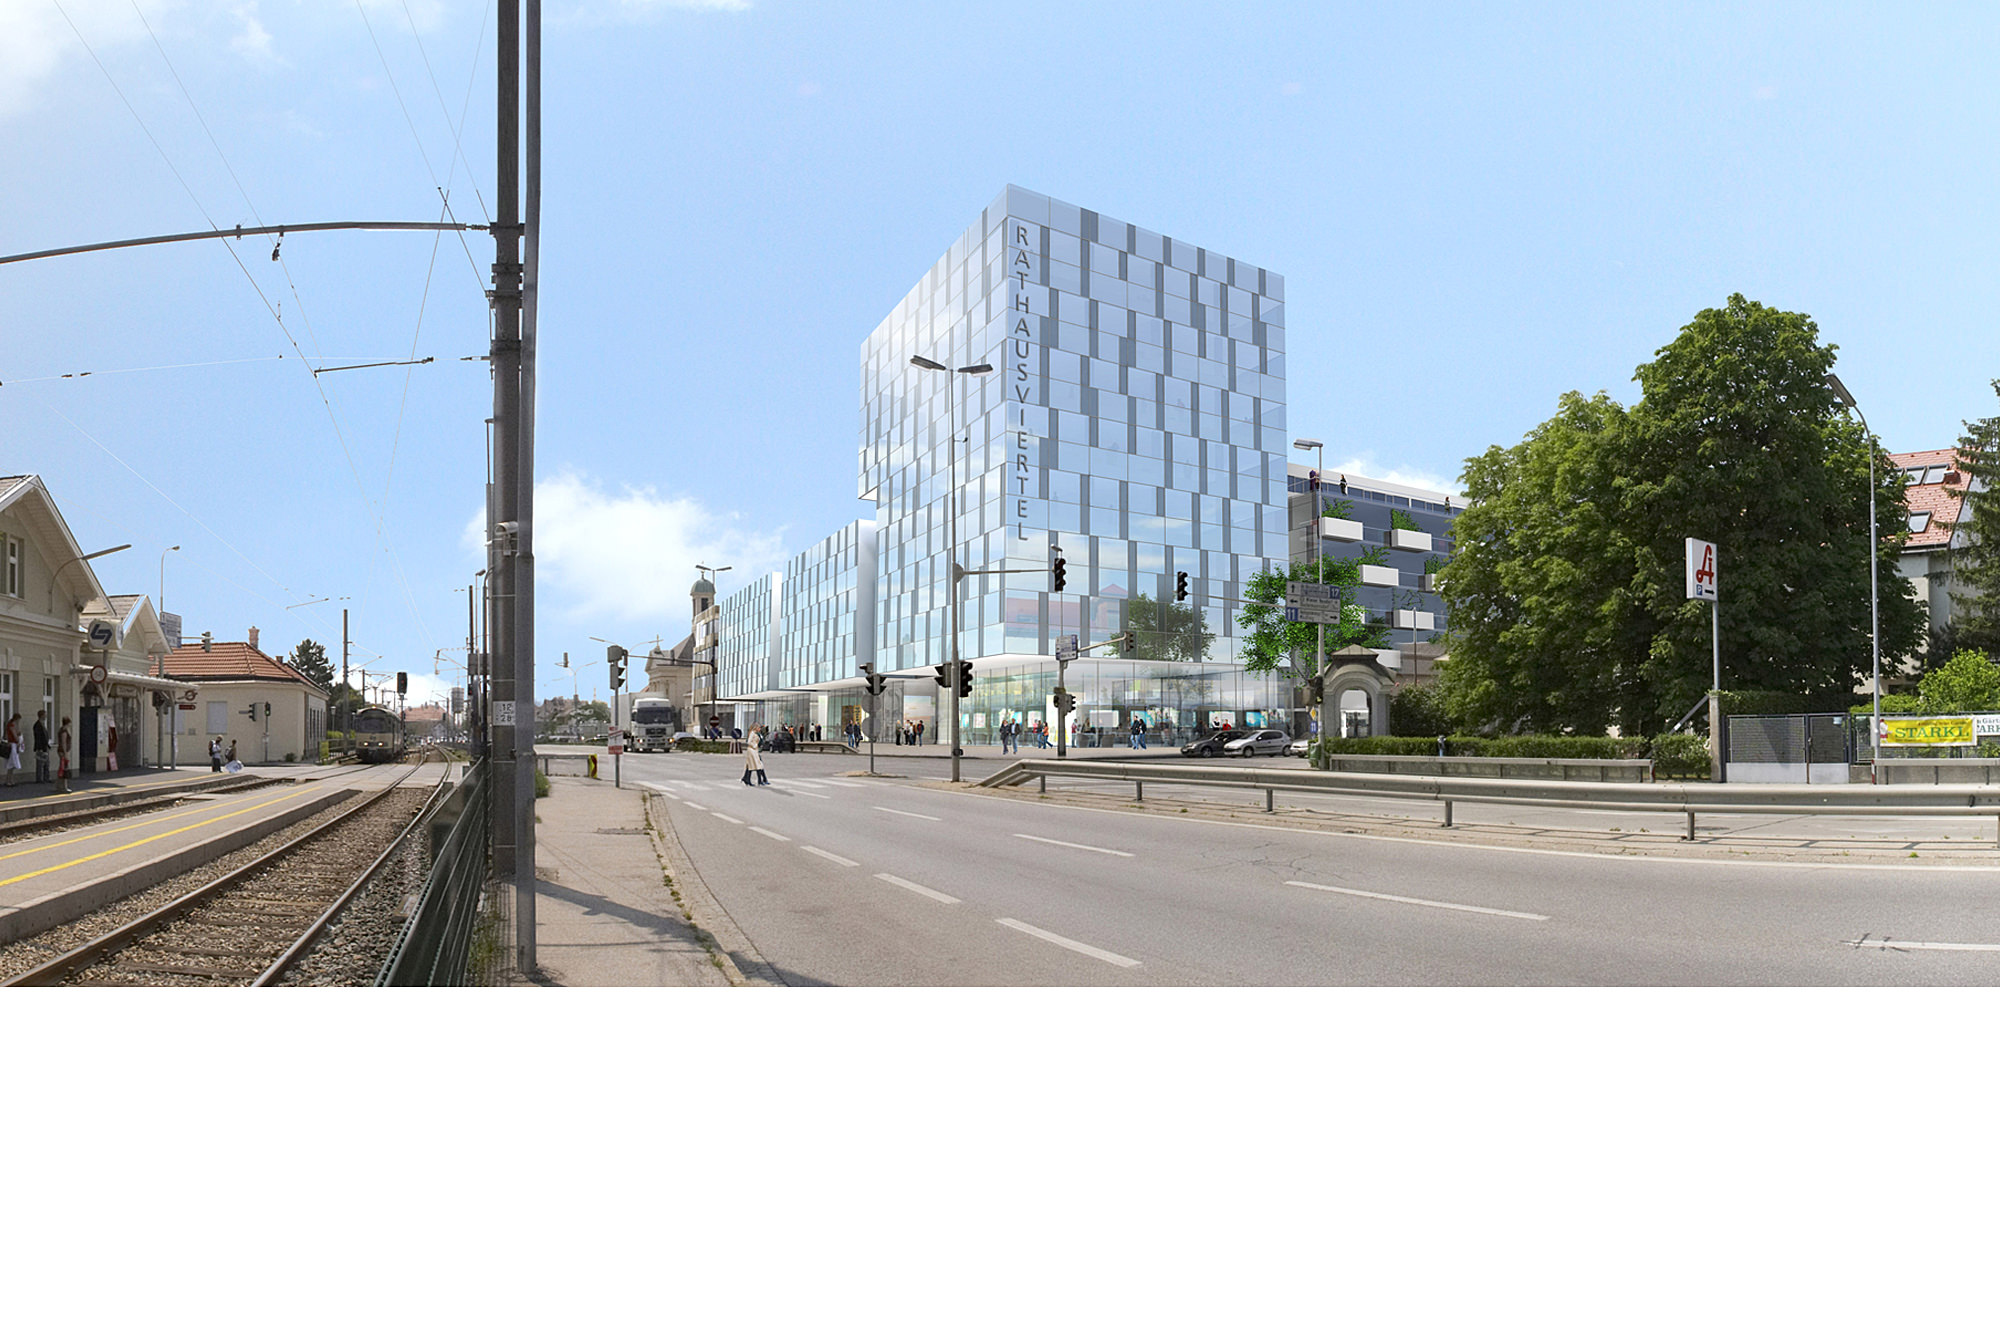 rathausviertel_03_wettbewerb__junger_beer_architektur